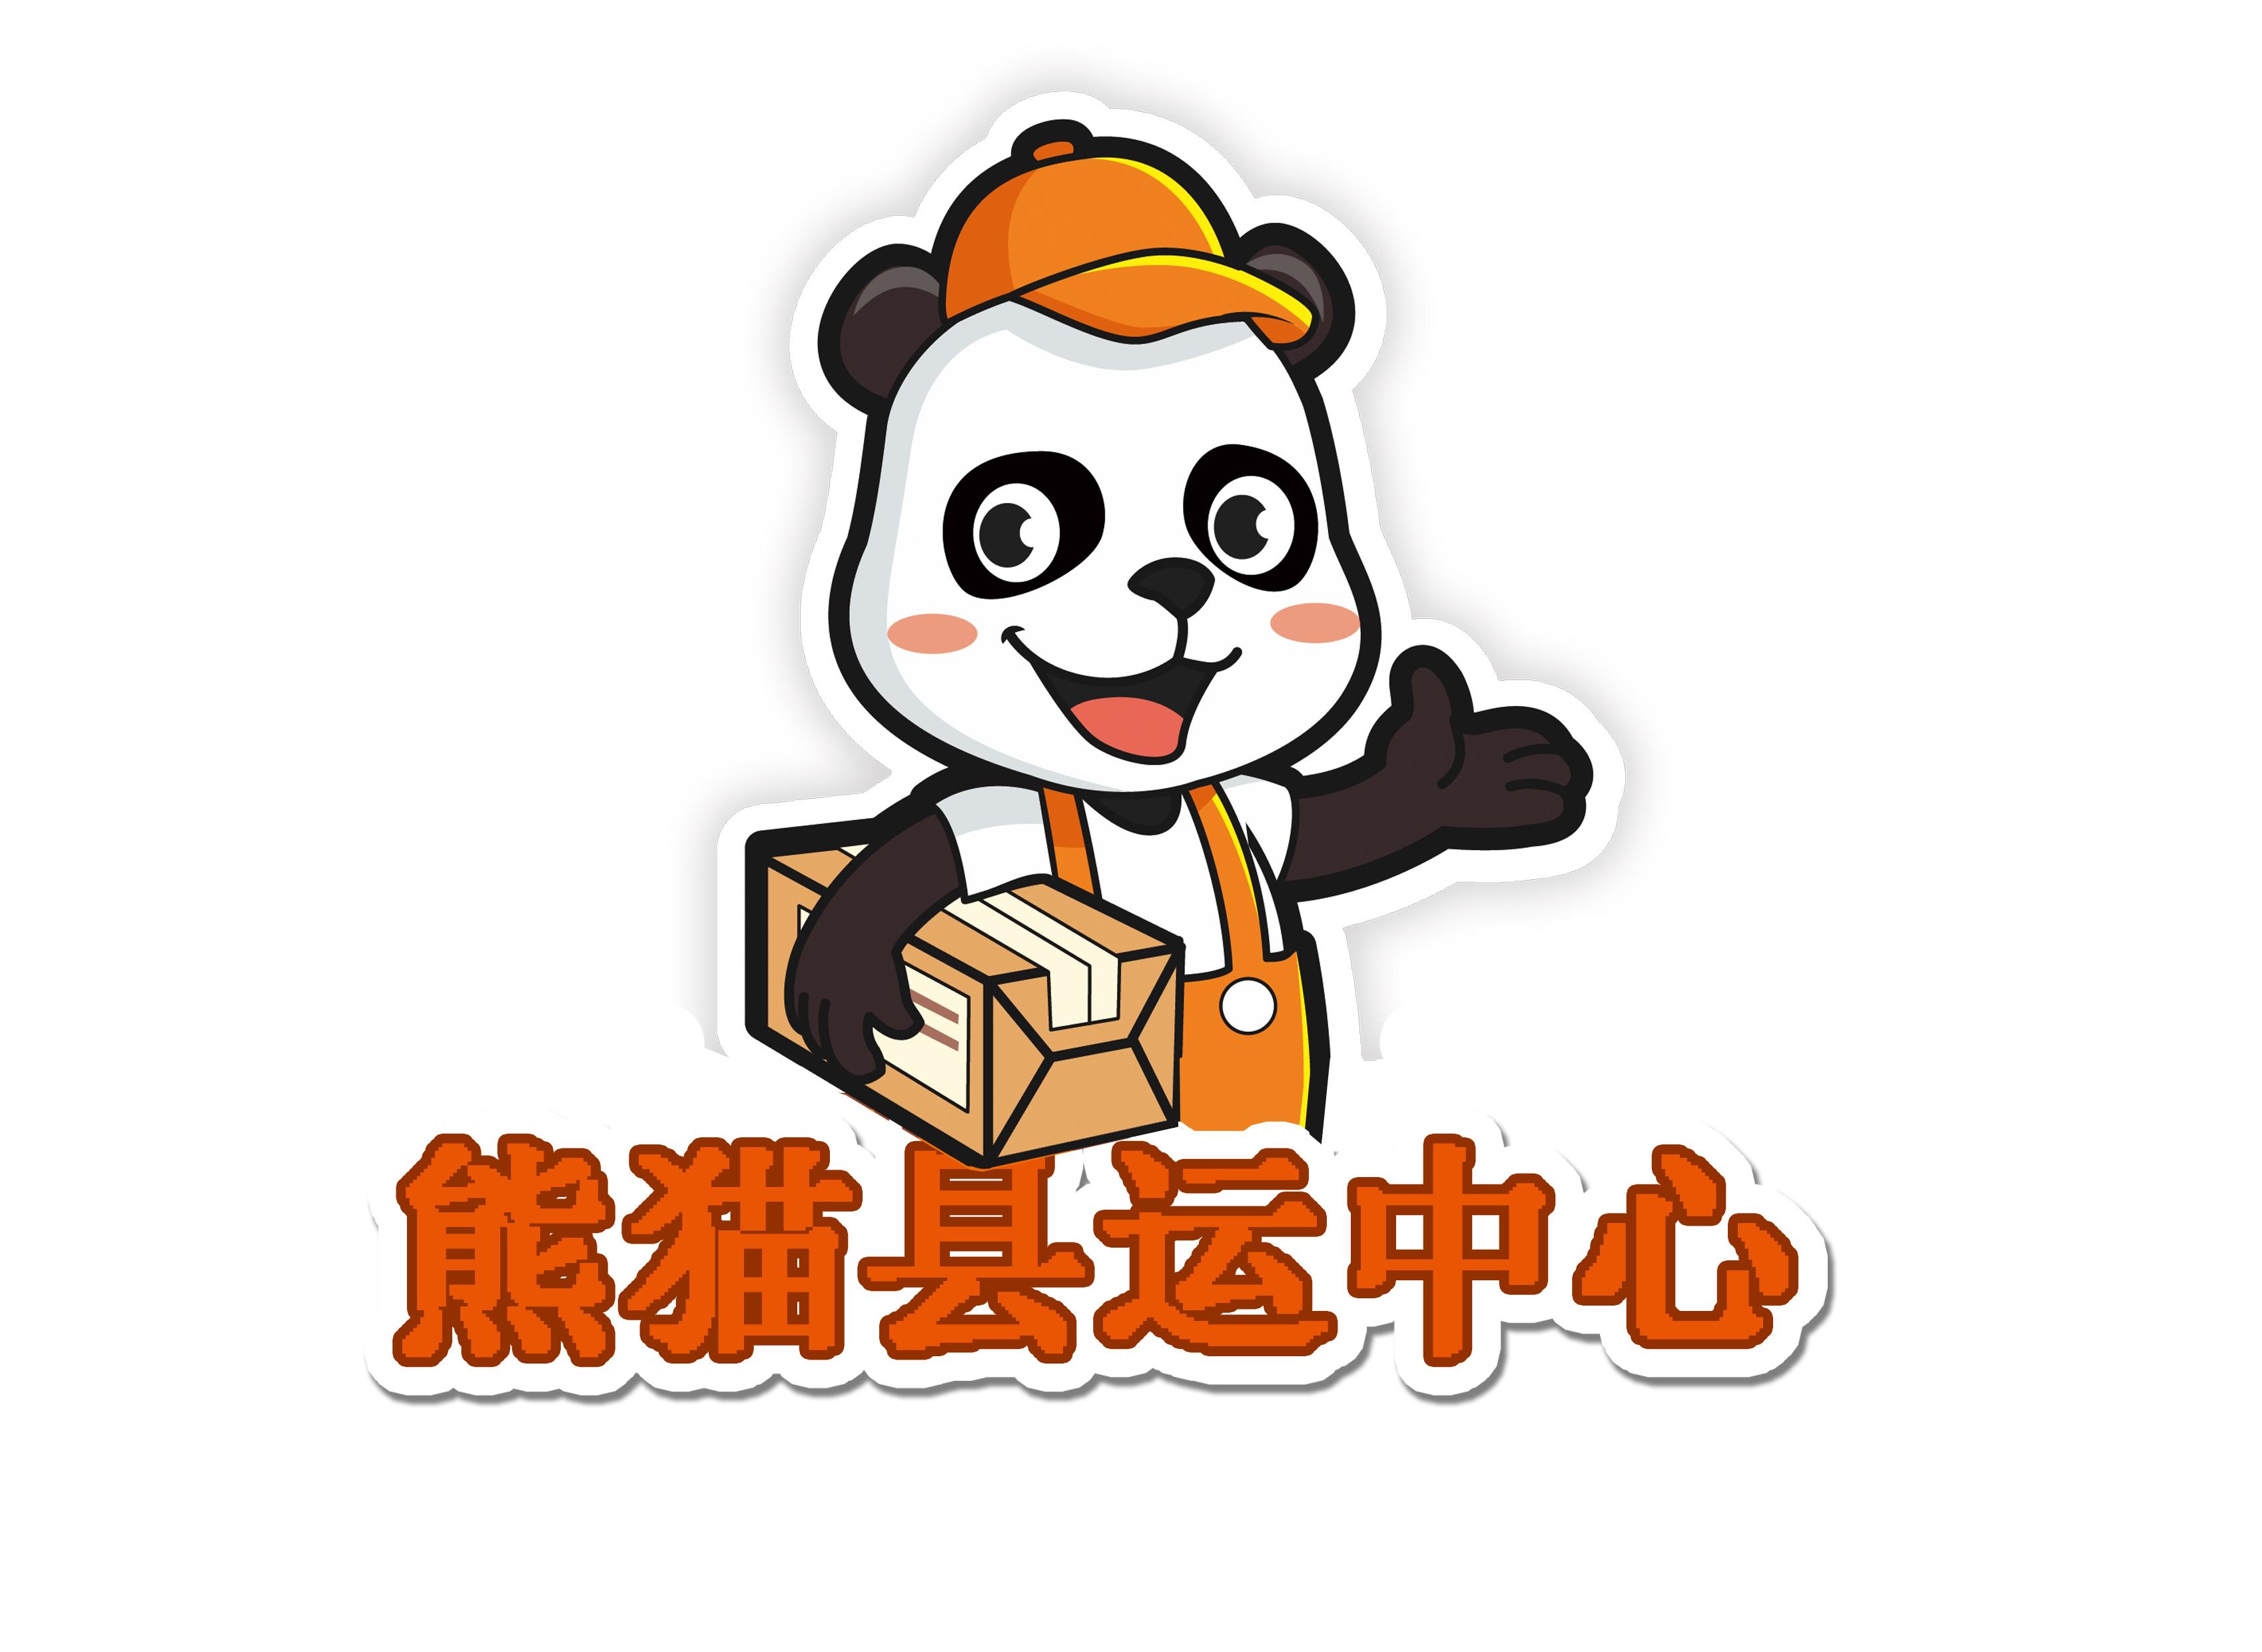 熊貓縣運中心